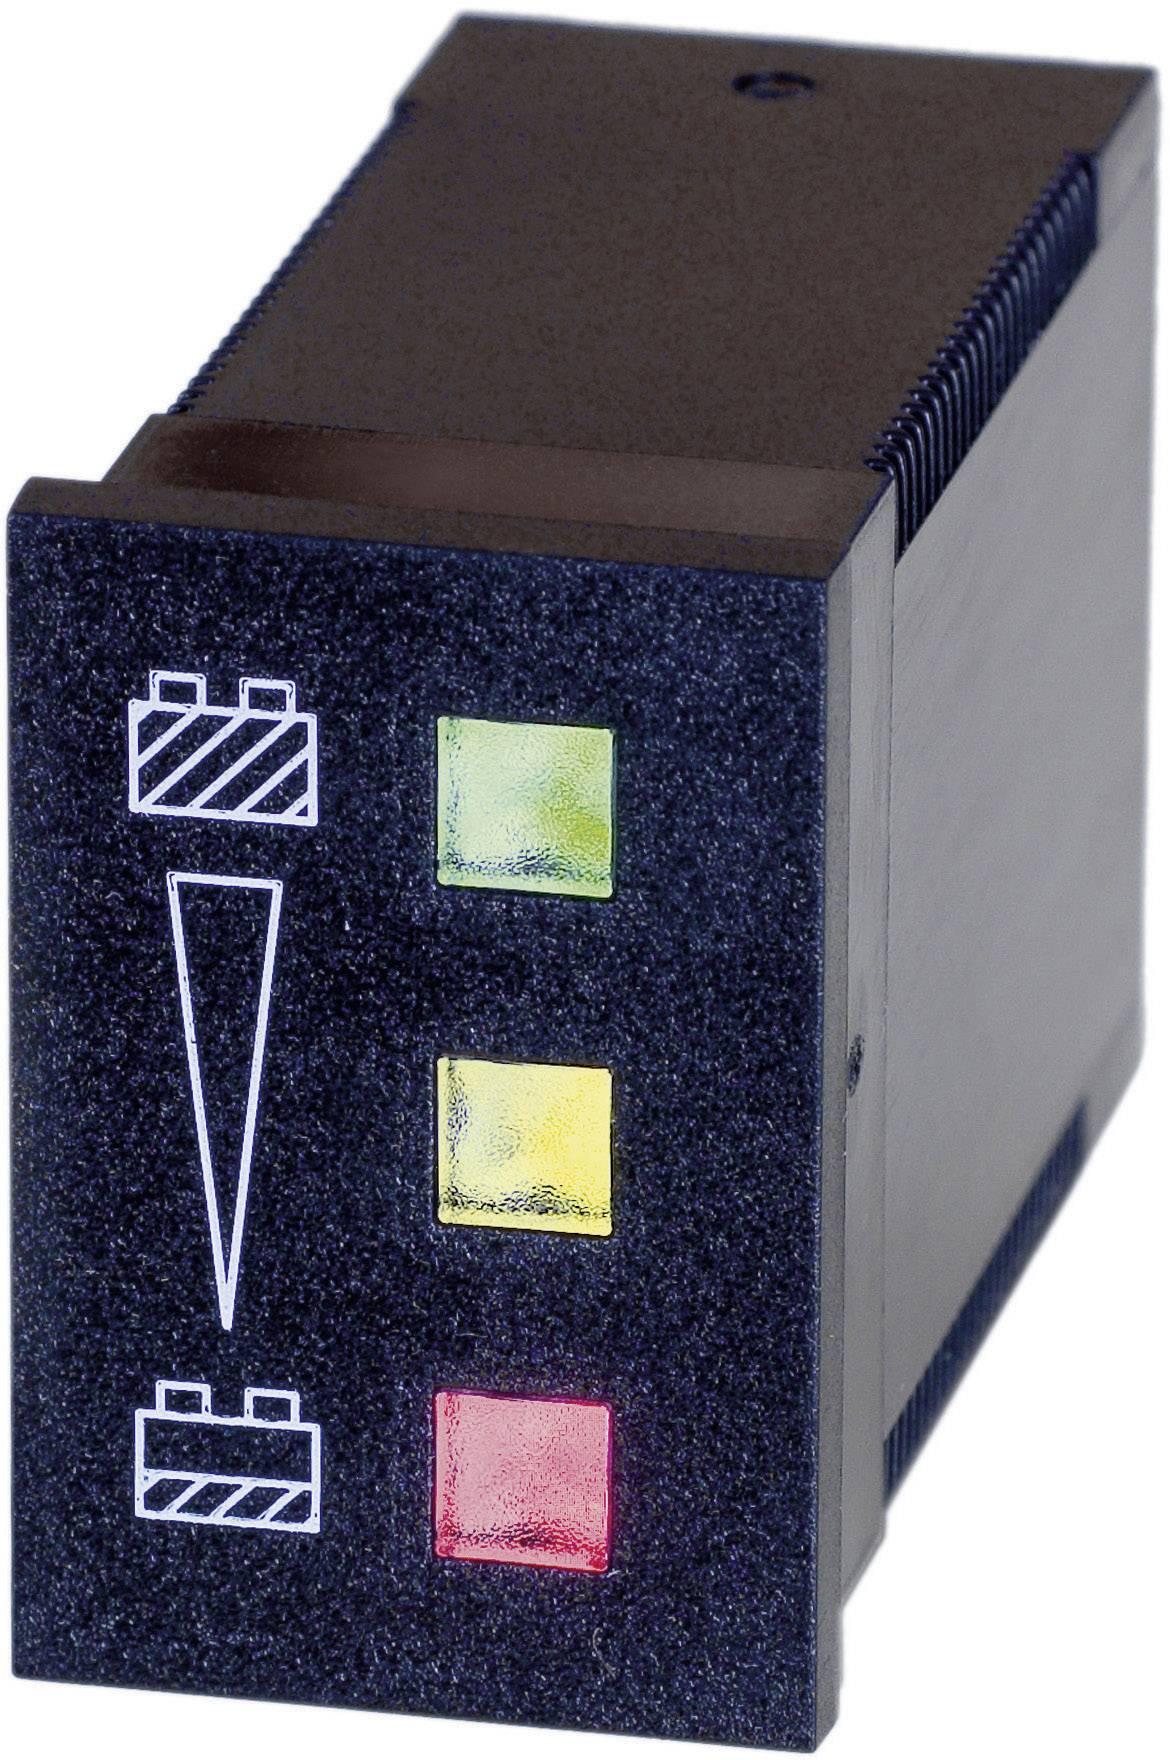 Monitorovanie batérií Bauser 824 24 V